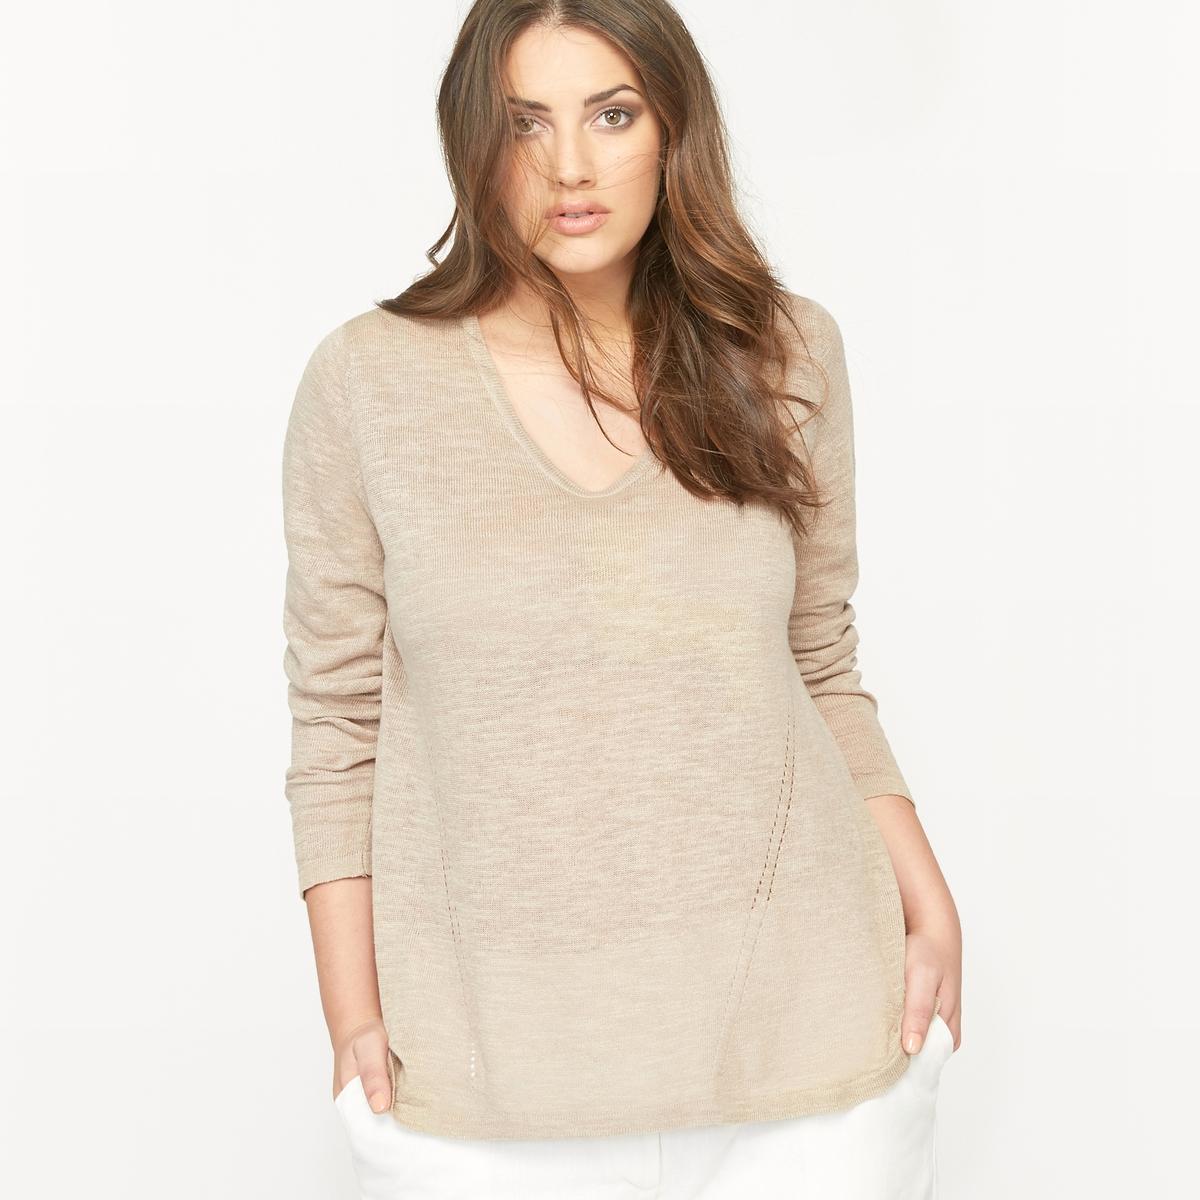 Пуловер с круглым вырезом из льна и хлопка  пуловер с круглым вырезом из хлопка и льна